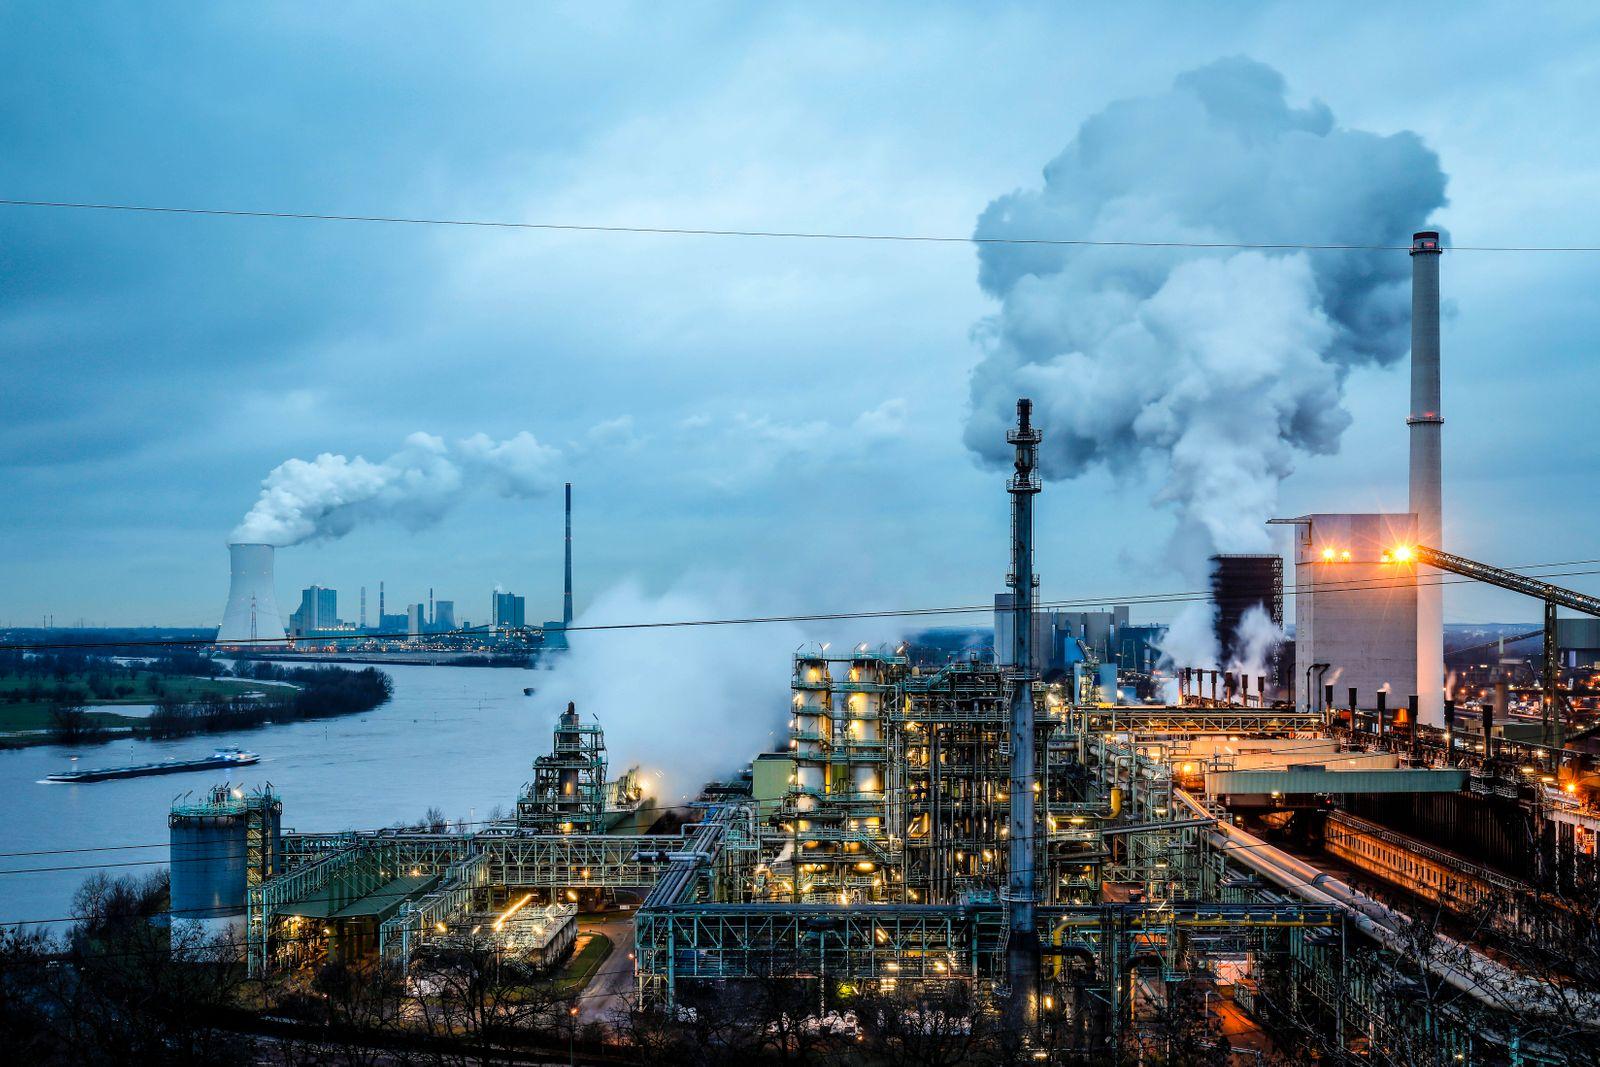 13.02.2020, Duisburg, Ruhrgebiet, Nordrhein-Westfalen, Deutschland - ThyssenKrupp Steel Europe, KBS Kokerei Schwelgern